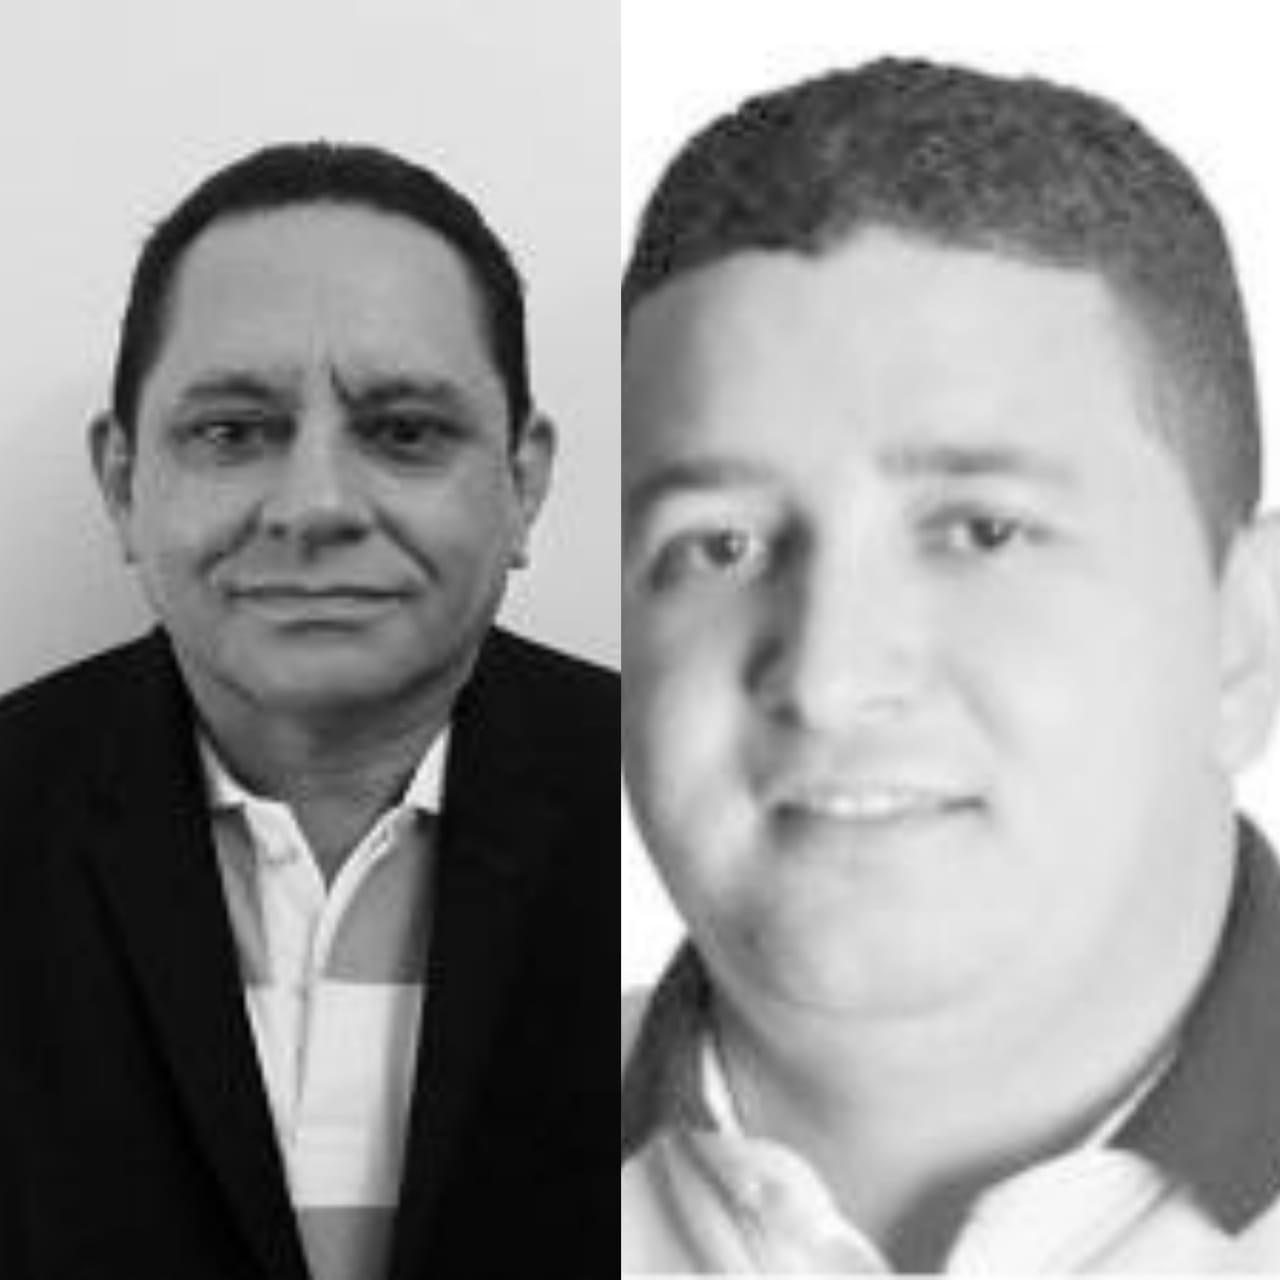 Turiaçu: Prefeito Umbelino esconde seu pré-candidato a prefeito. E o pré-candidato esconde Umbelino